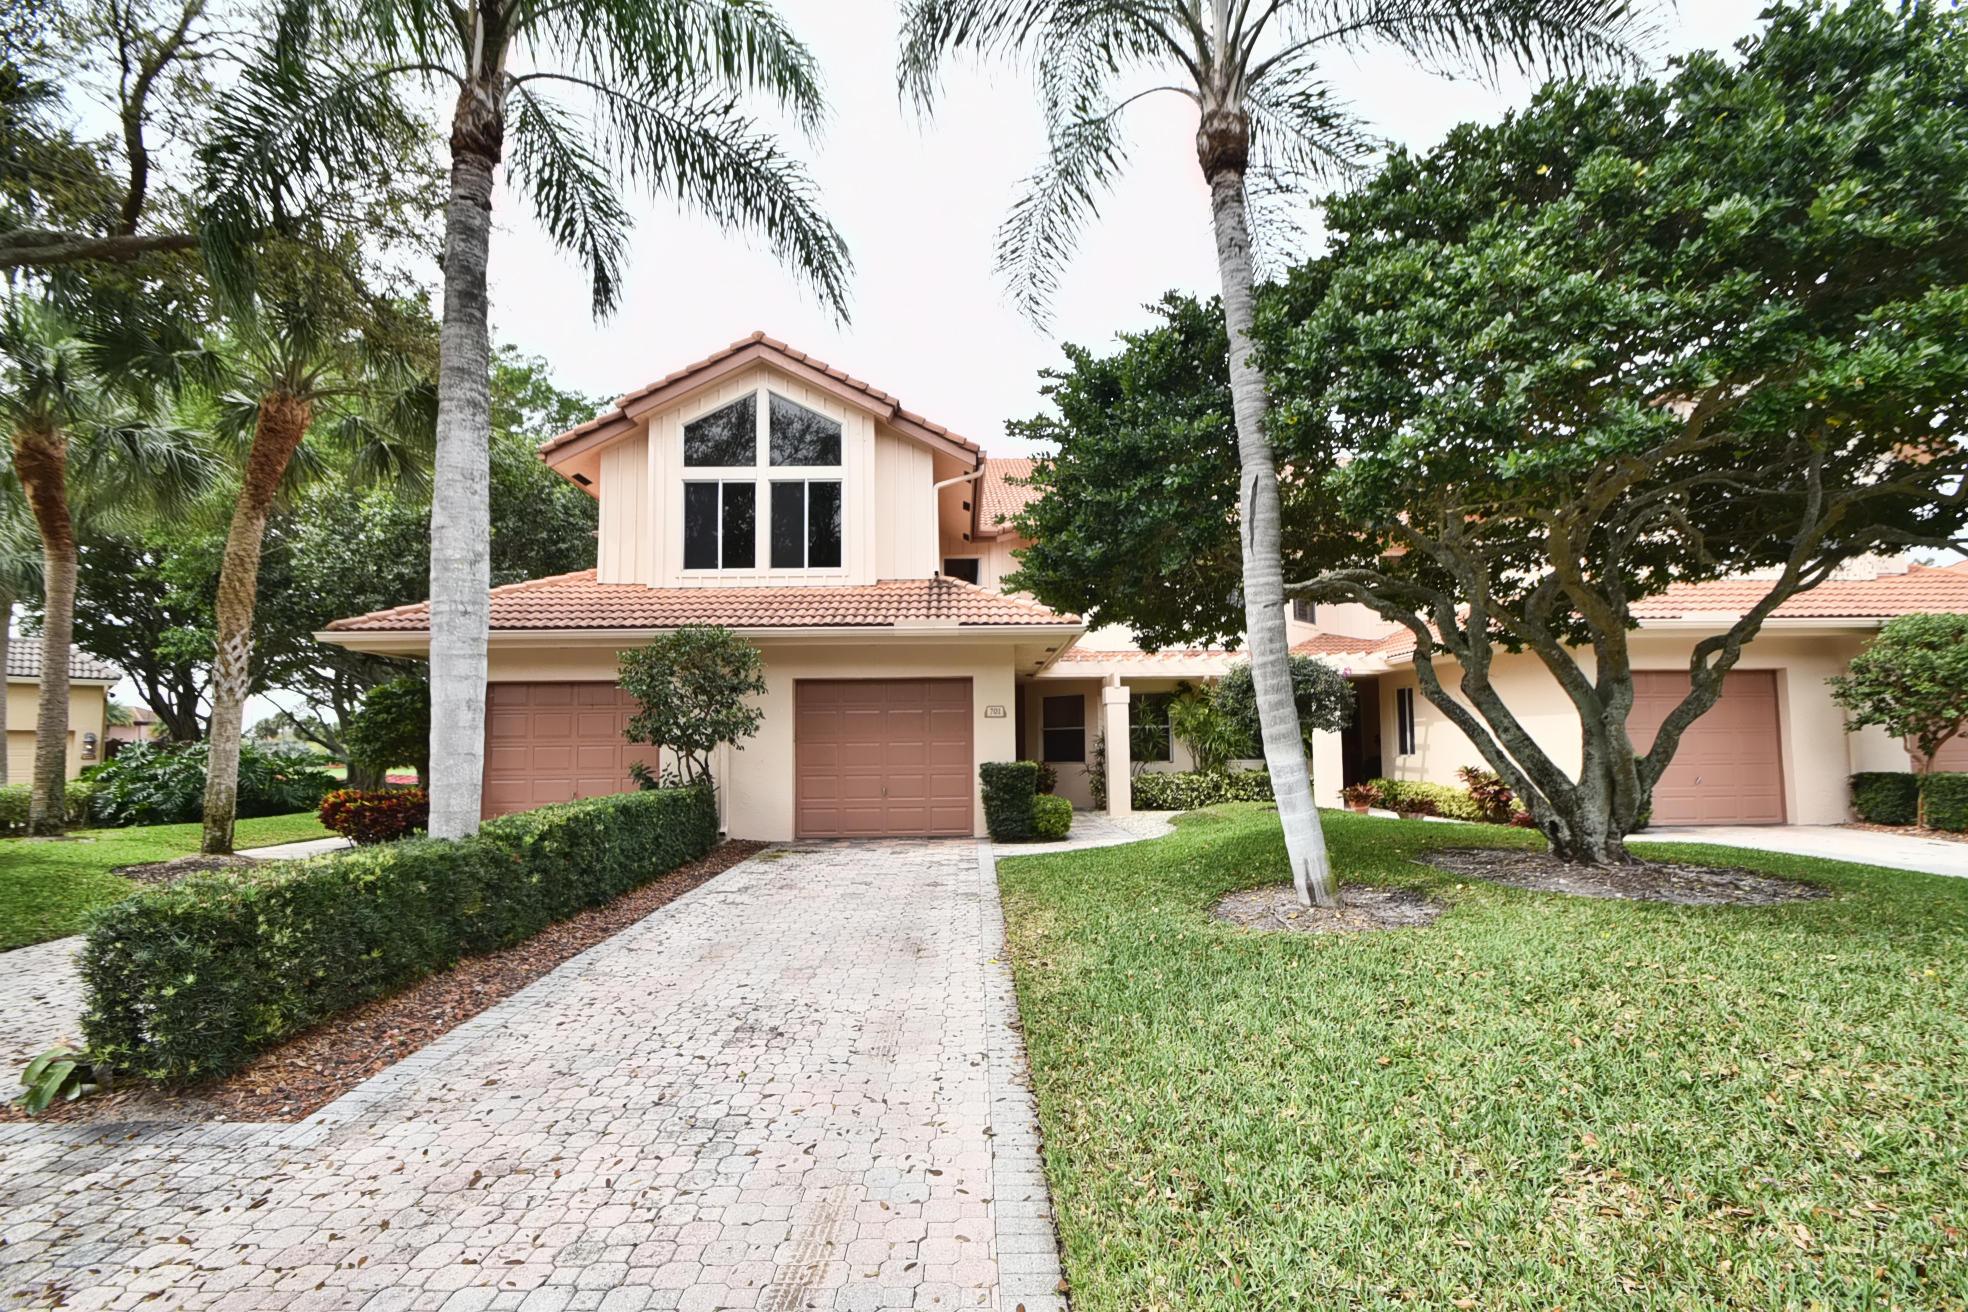 5701 Nw 24th Avenue #701 Boca Raton, FL 33496